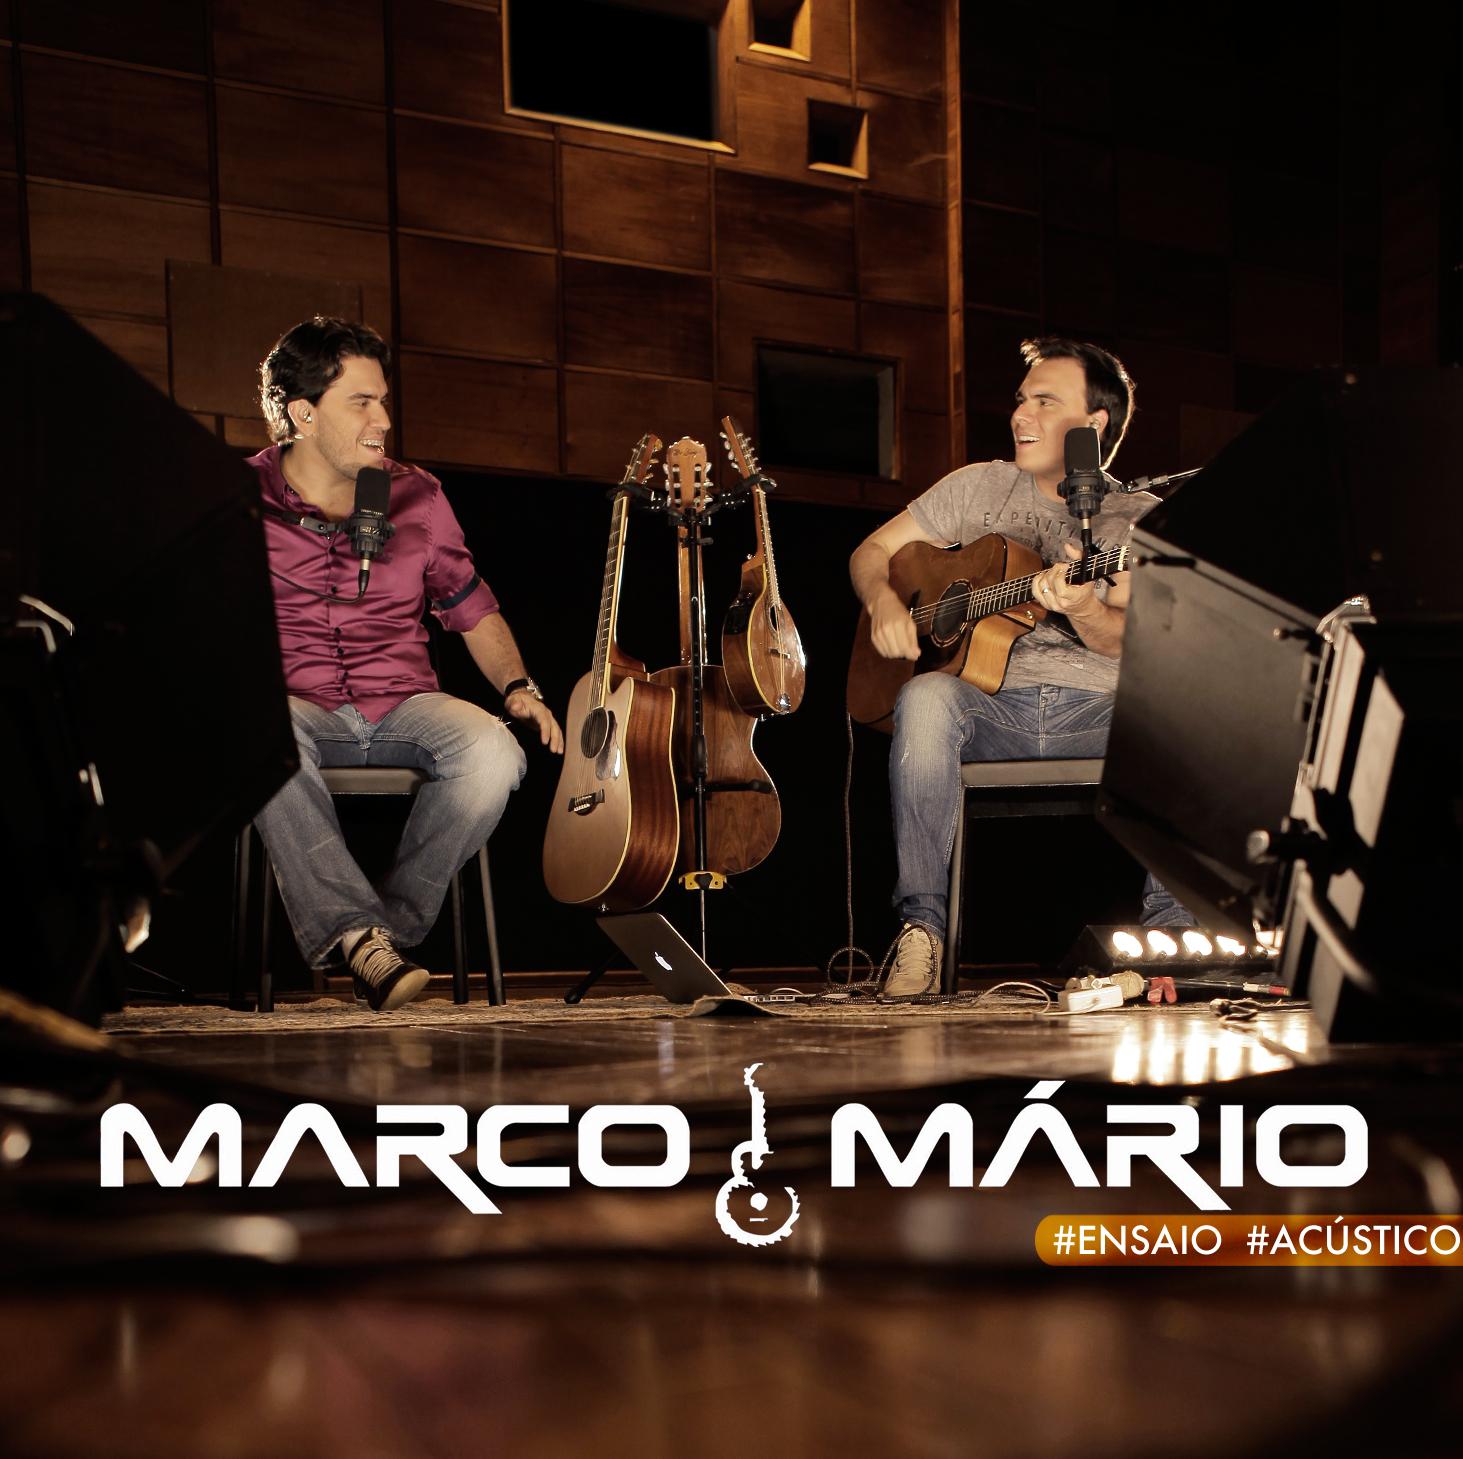 """""""#ensaio #acústico"""" – Marco & Mário divulgam íntegra do novo DVD. Assistam."""